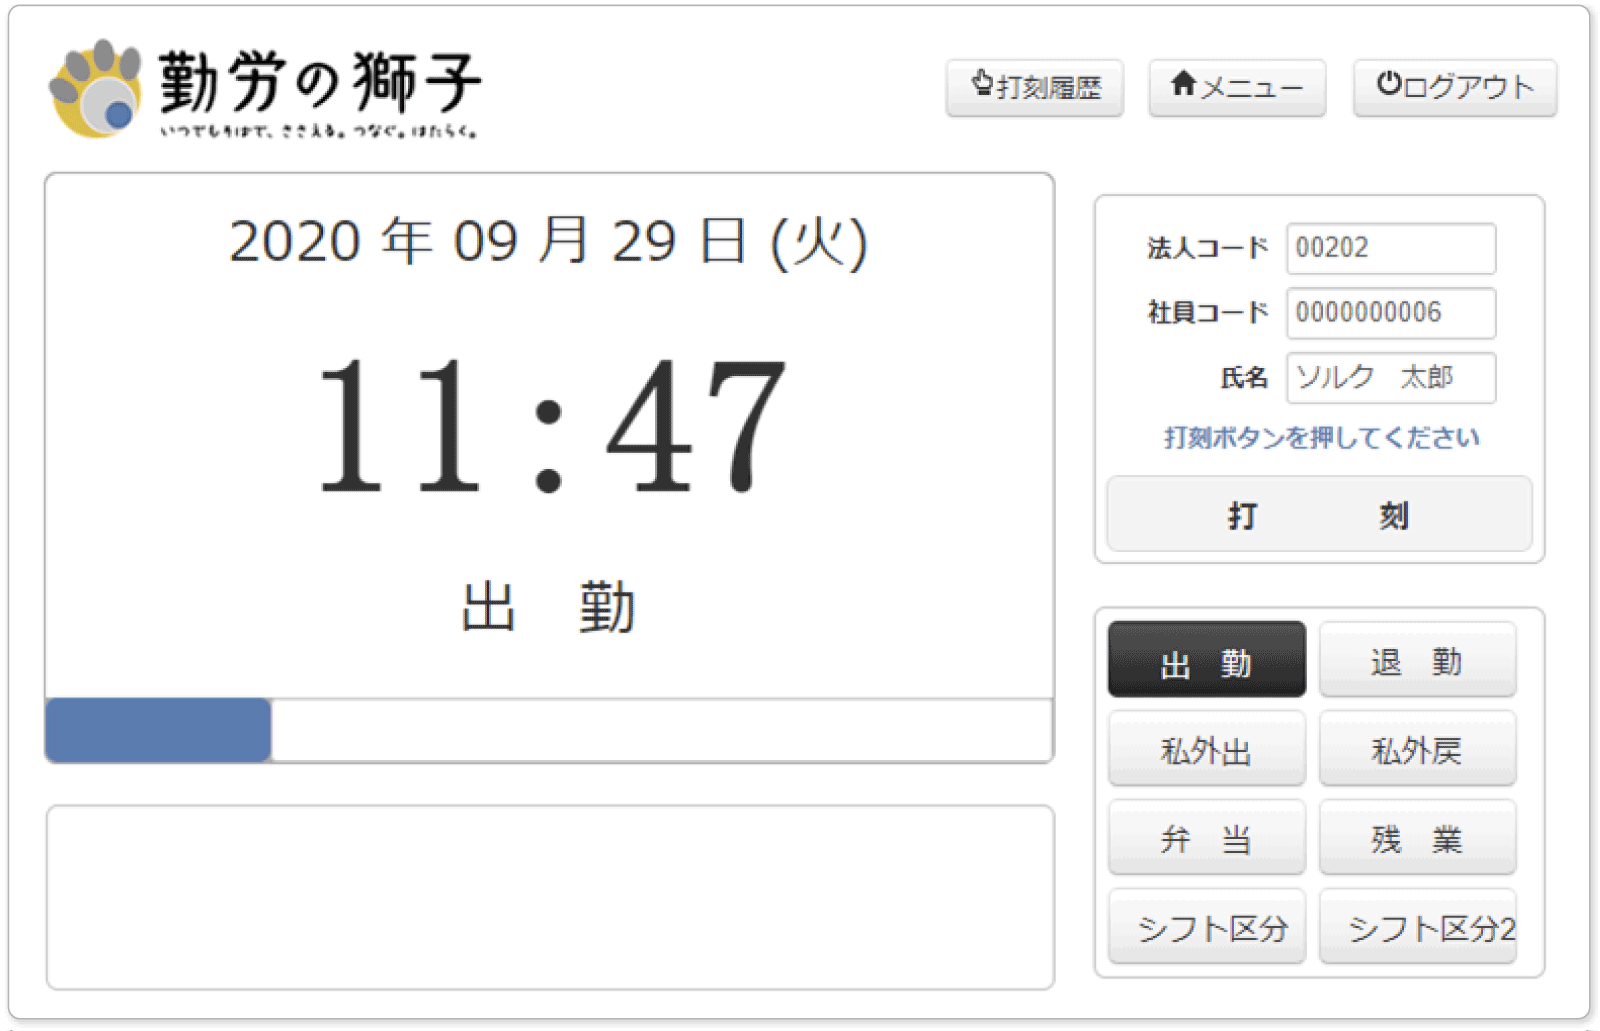 WEB打刻(PC打刻)